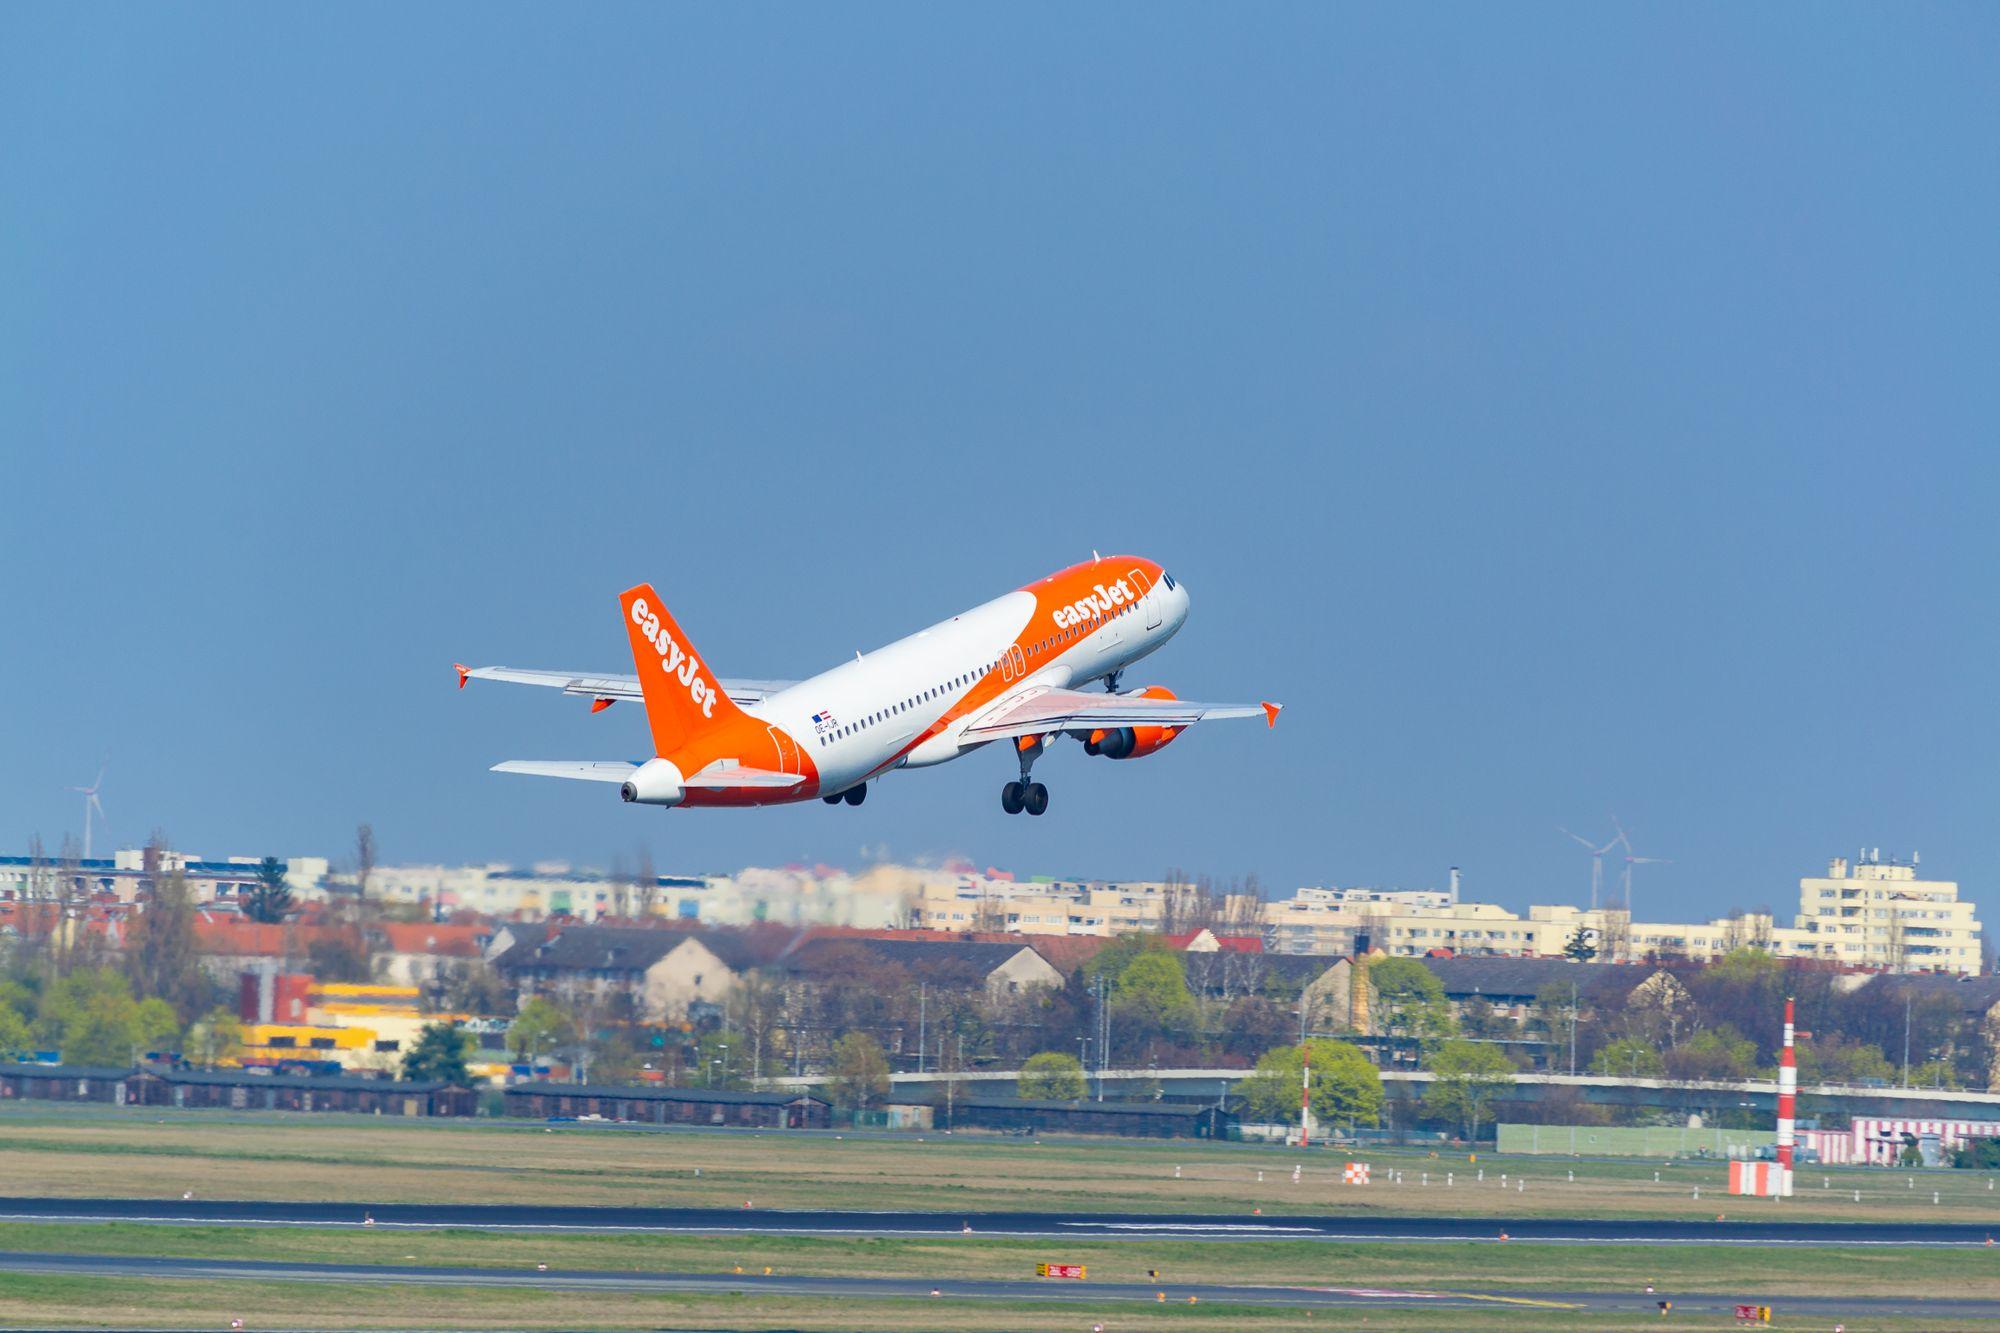 Mit easyJet ab 50€ von Berlin-Tegel nach Sylt fliegen!